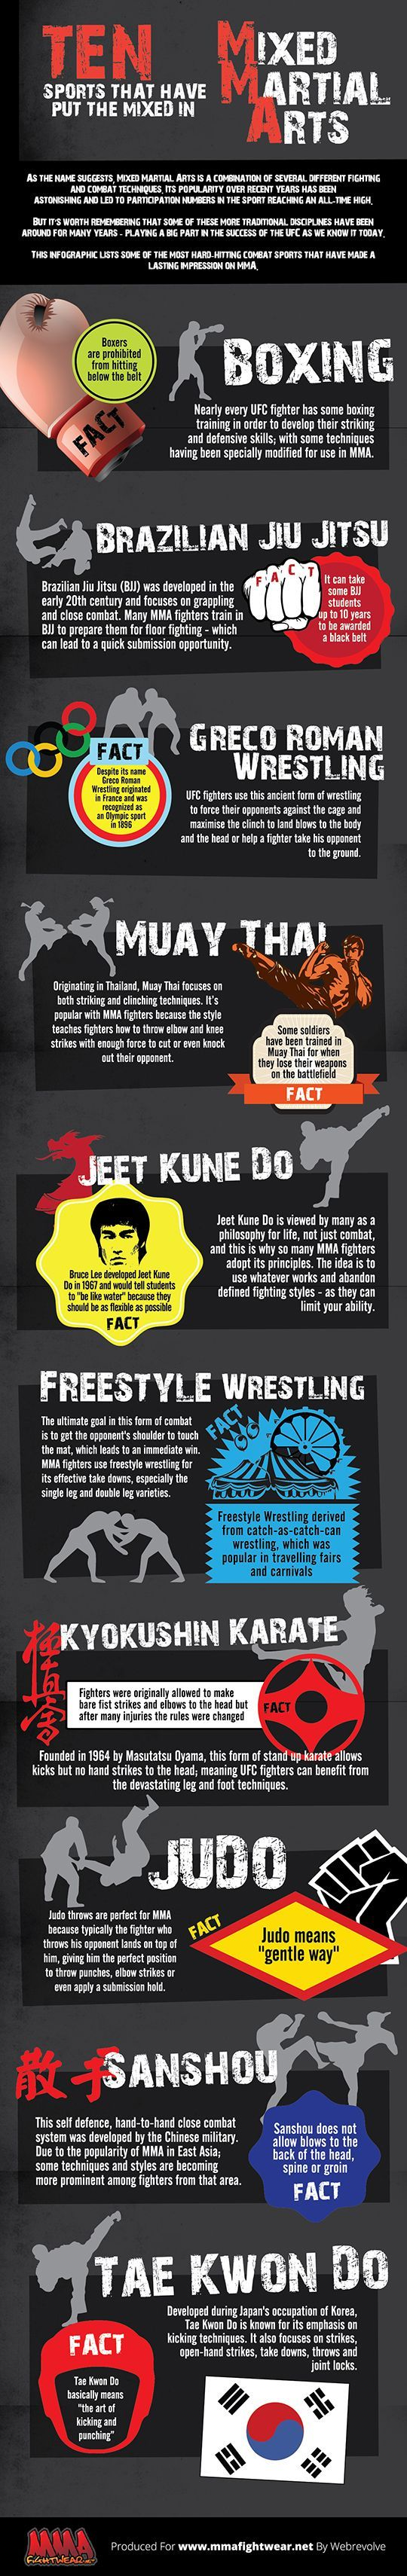 A propósito de las Artes Marciales Mixtas... Interesante infografía de cuáles componen estas artes.